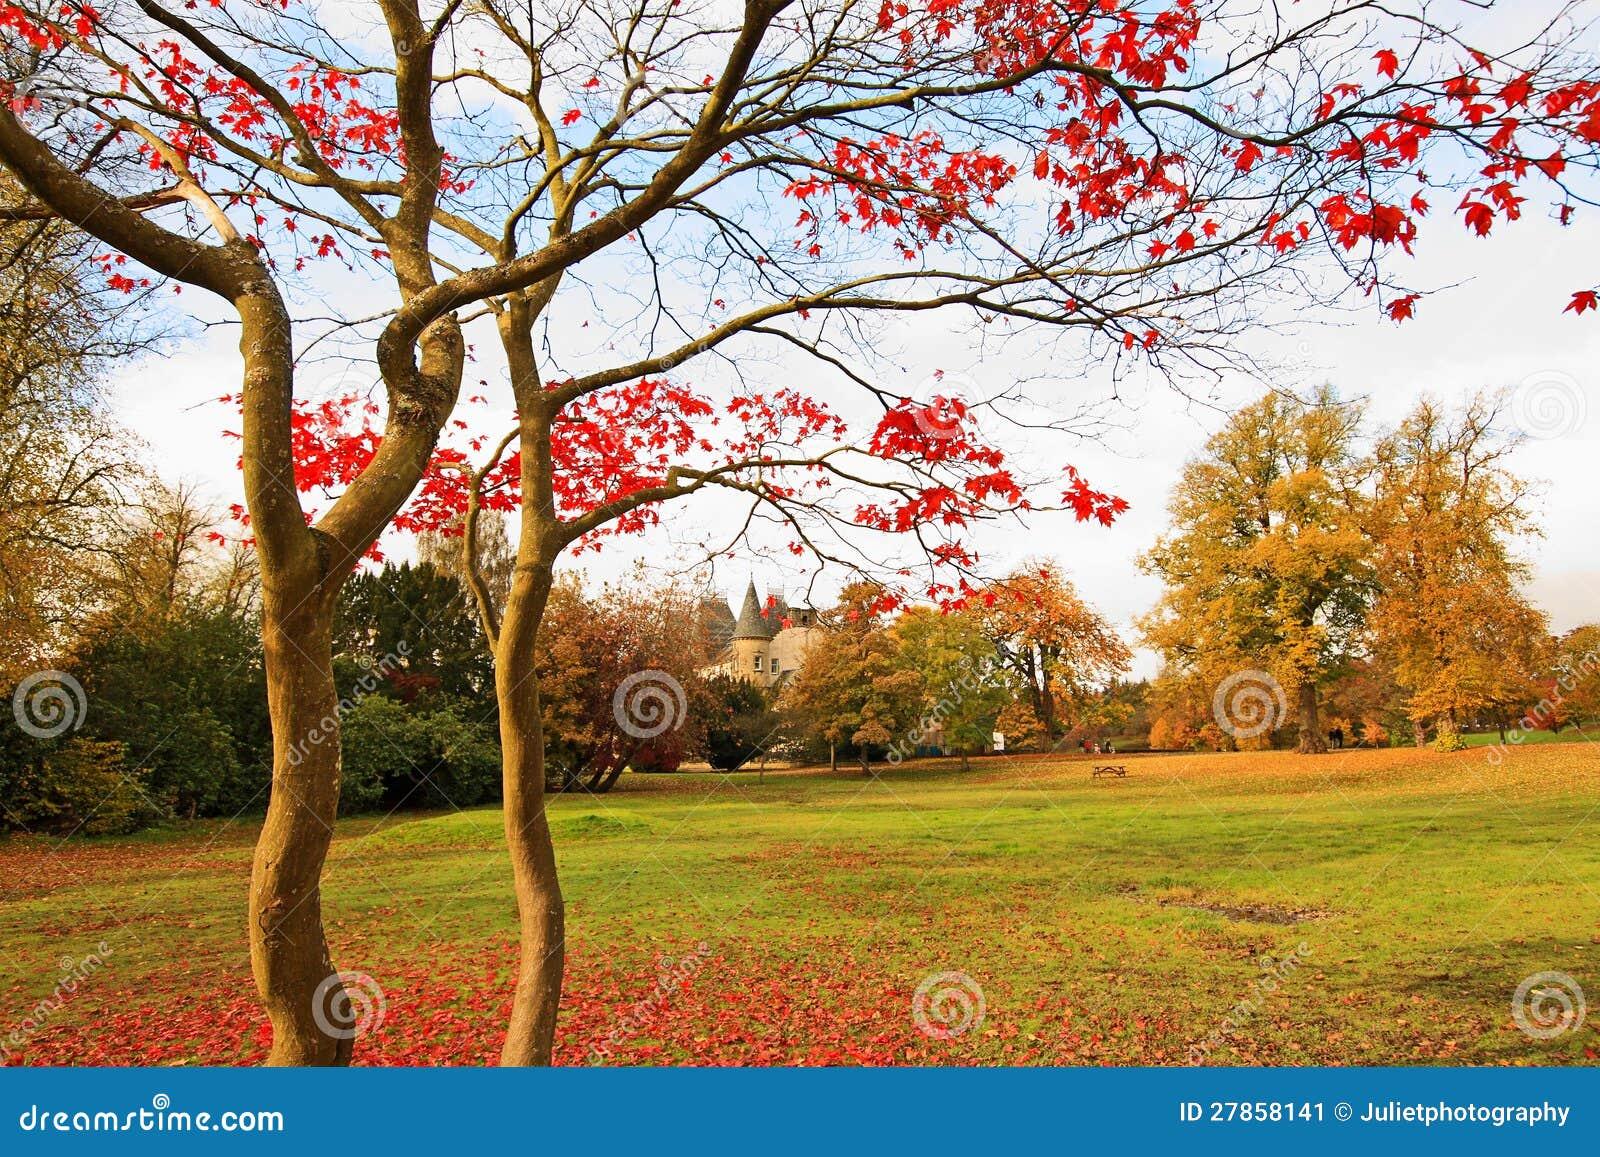 W parku czerwony Japoński klonowy drzewo.